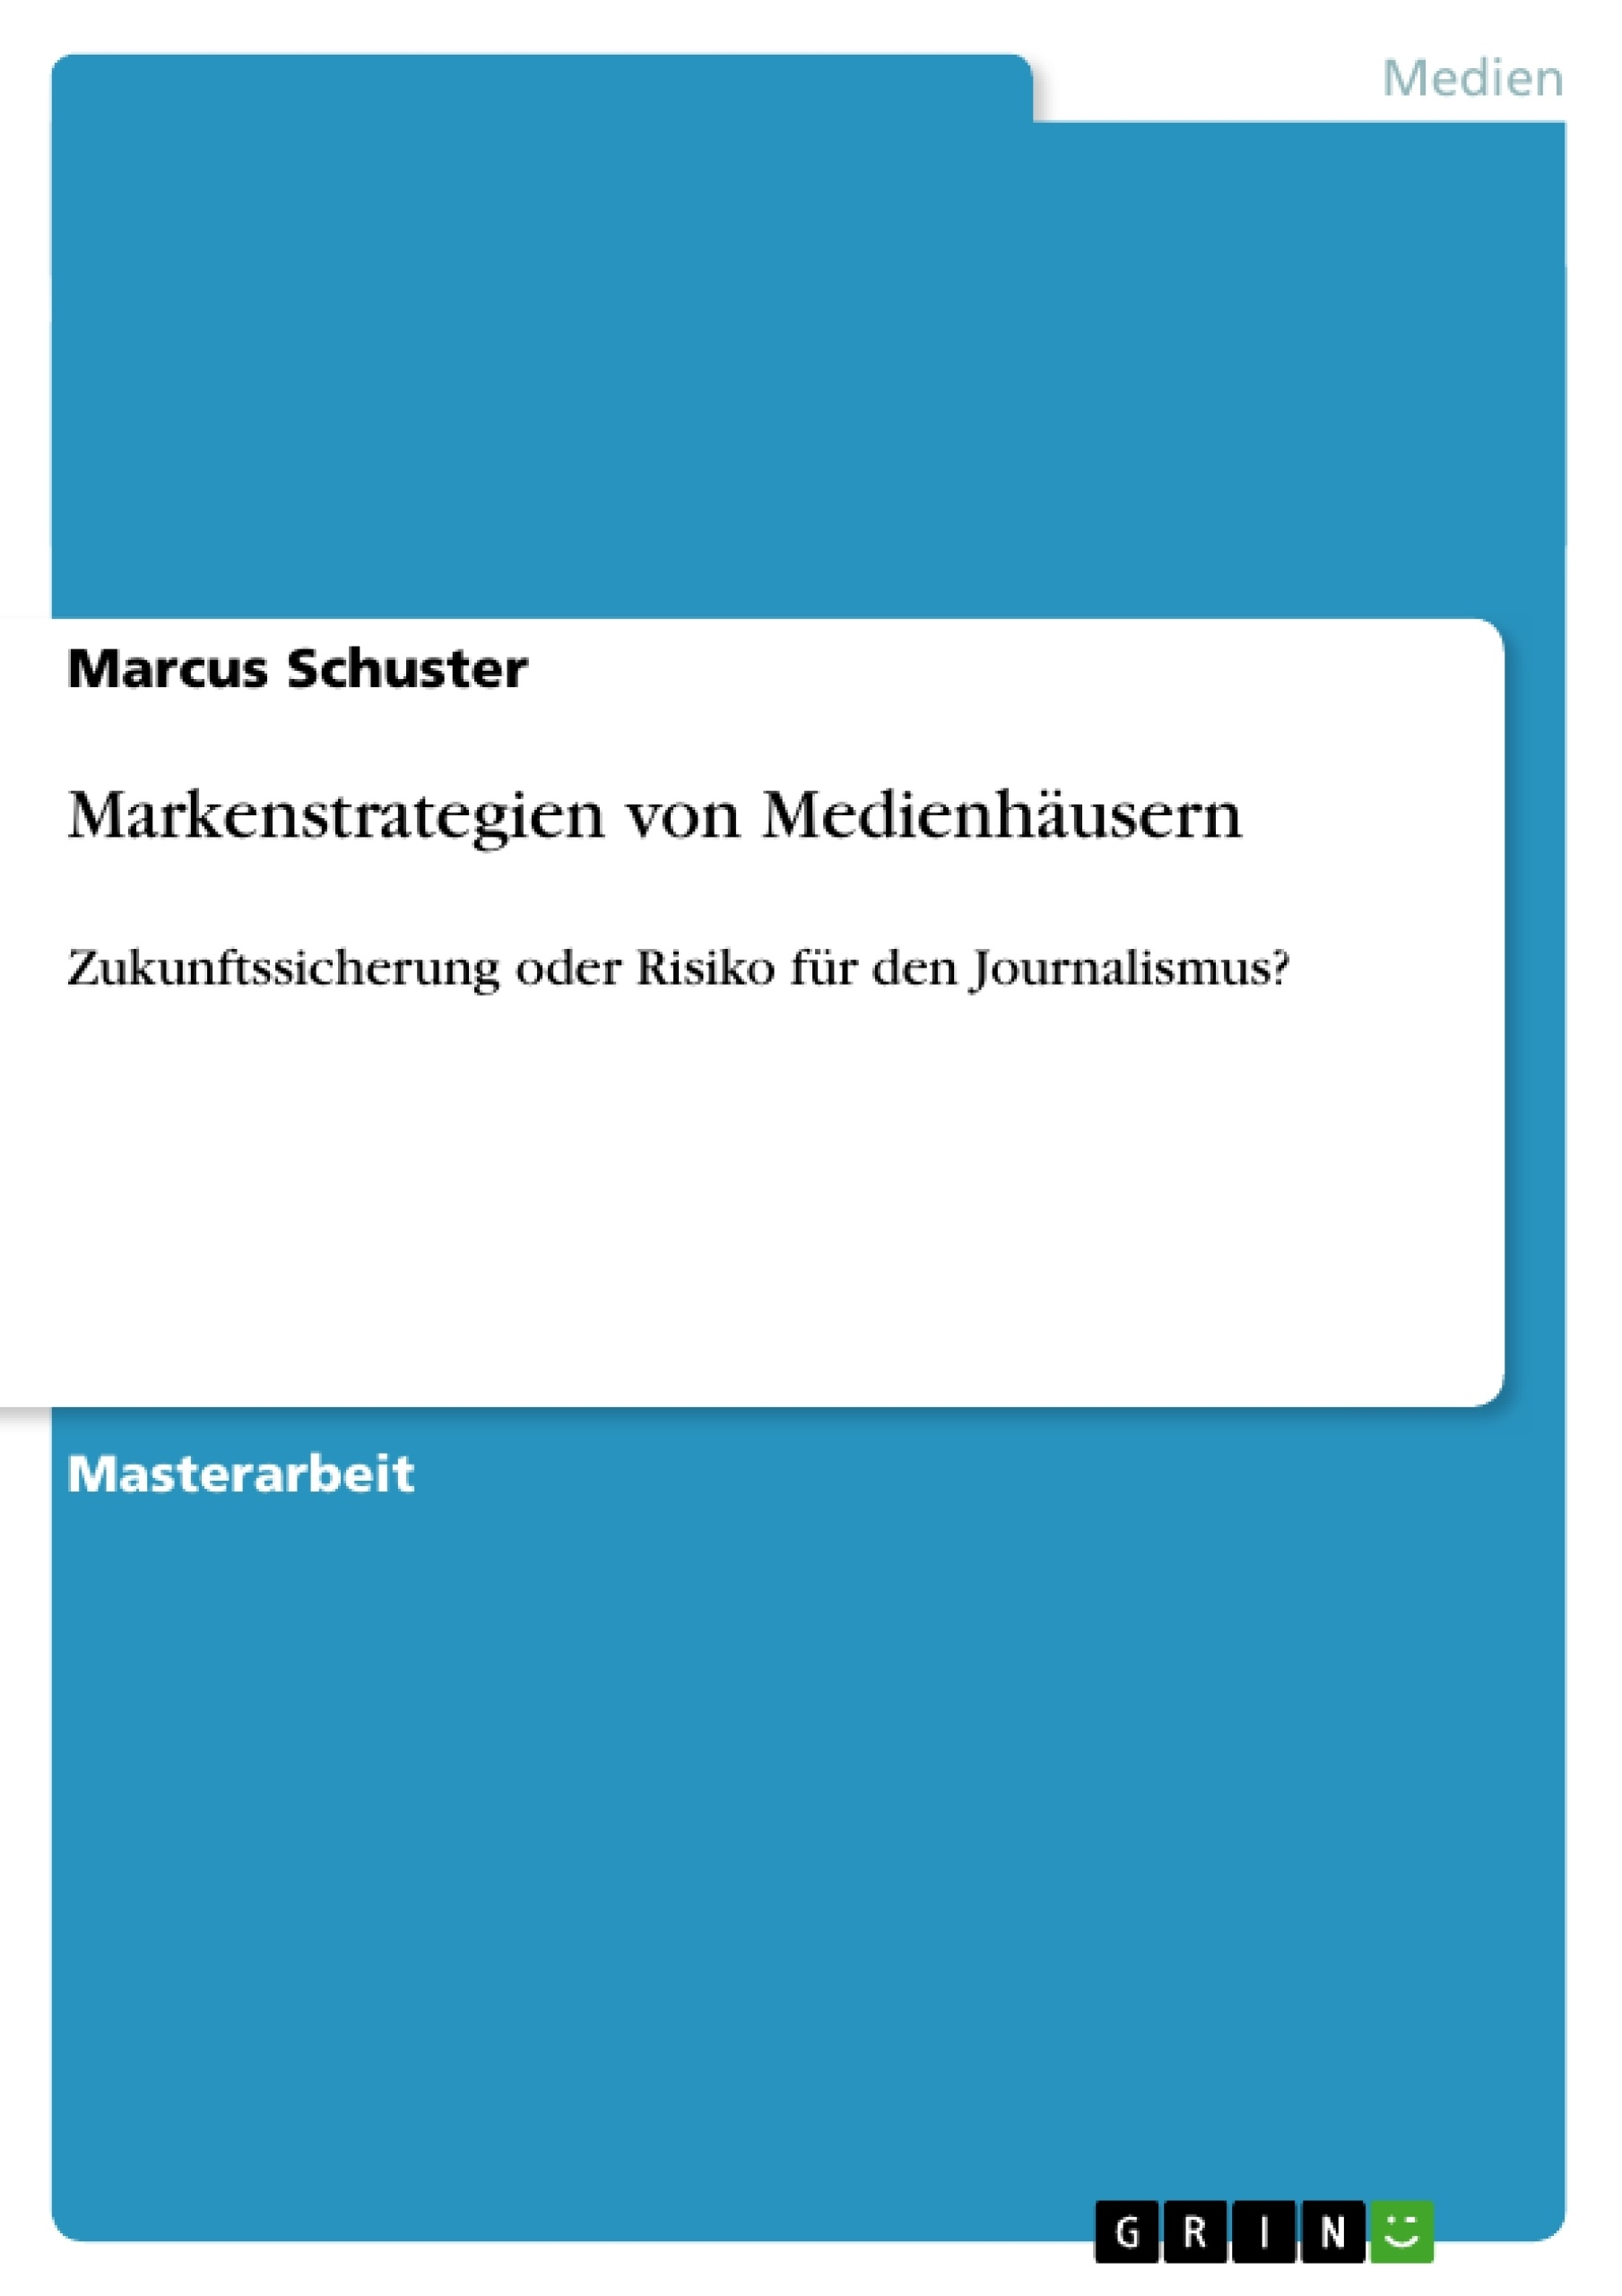 Titel: Markenstrategien von Medienhäusern